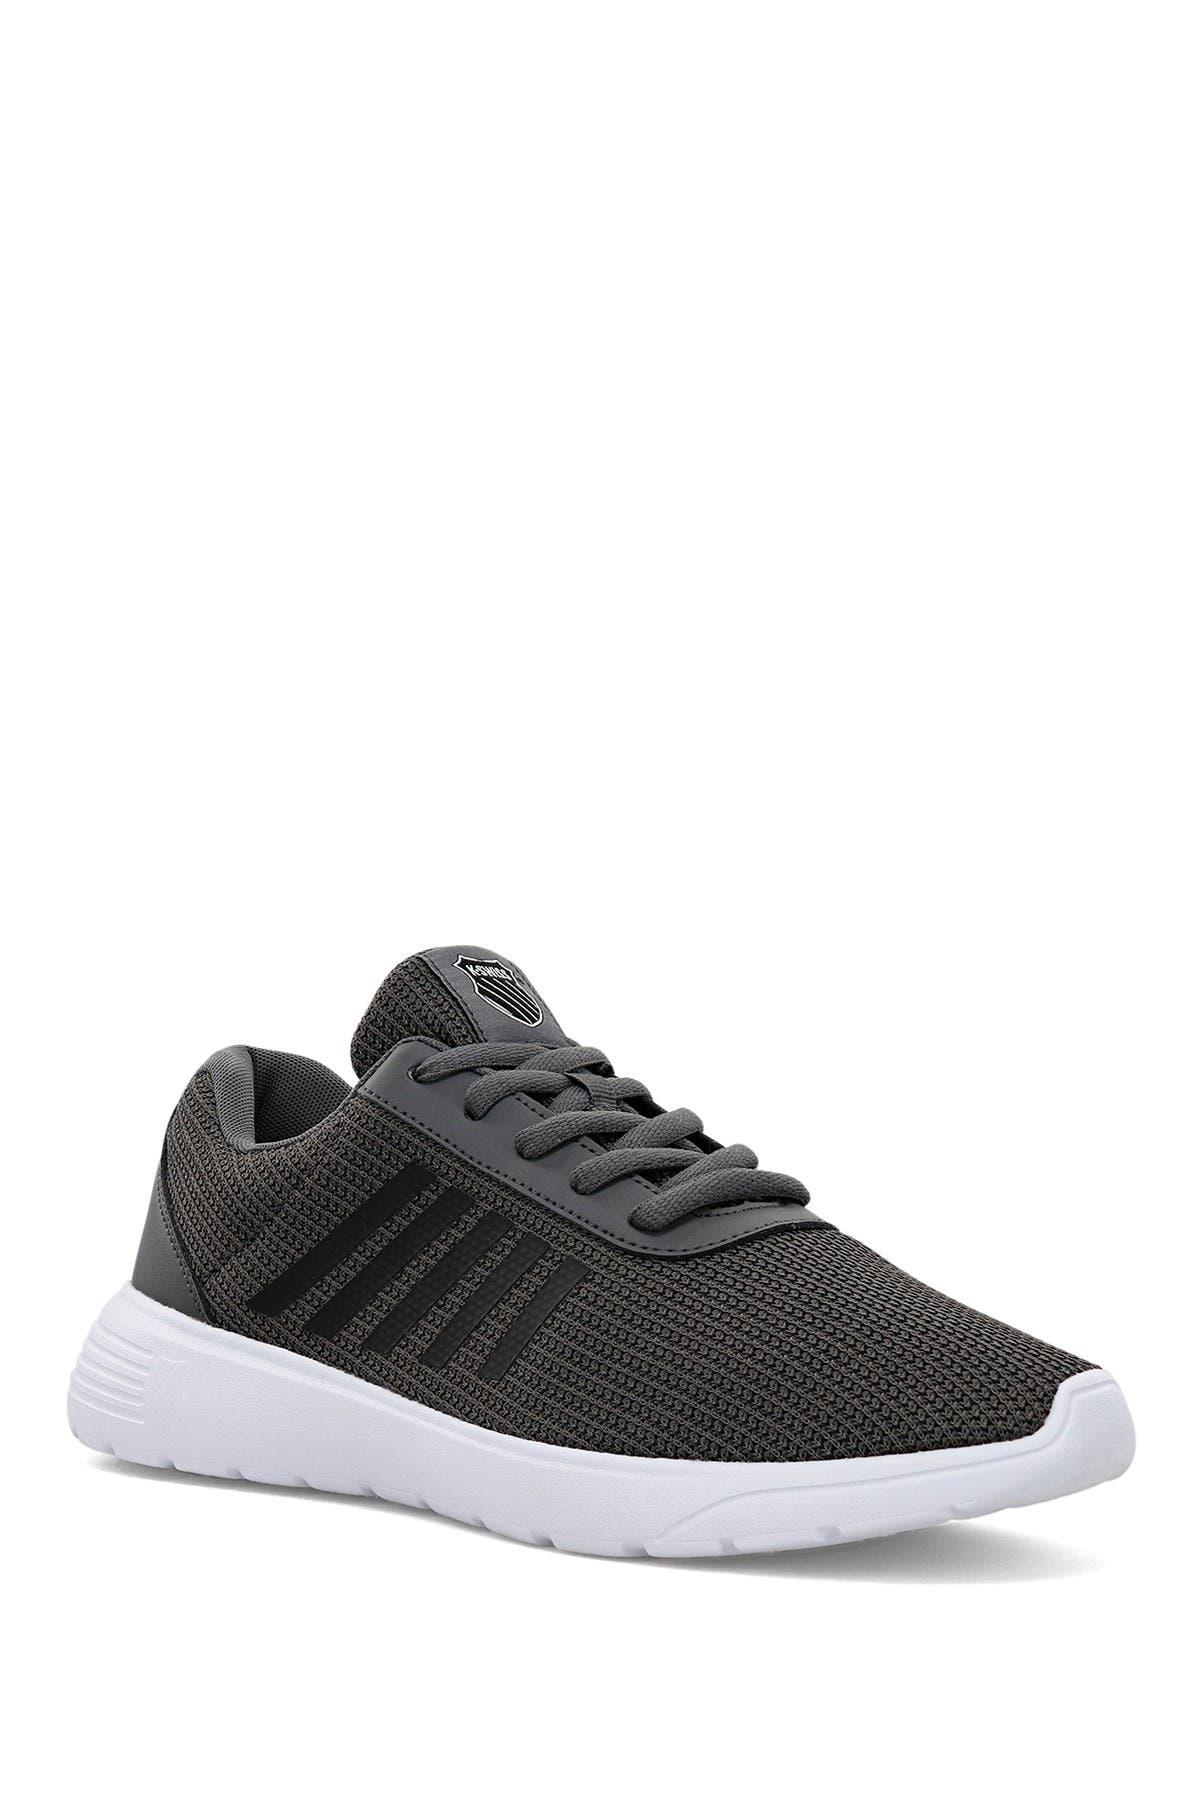 Image of K-Swiss Arroyo Sneaker